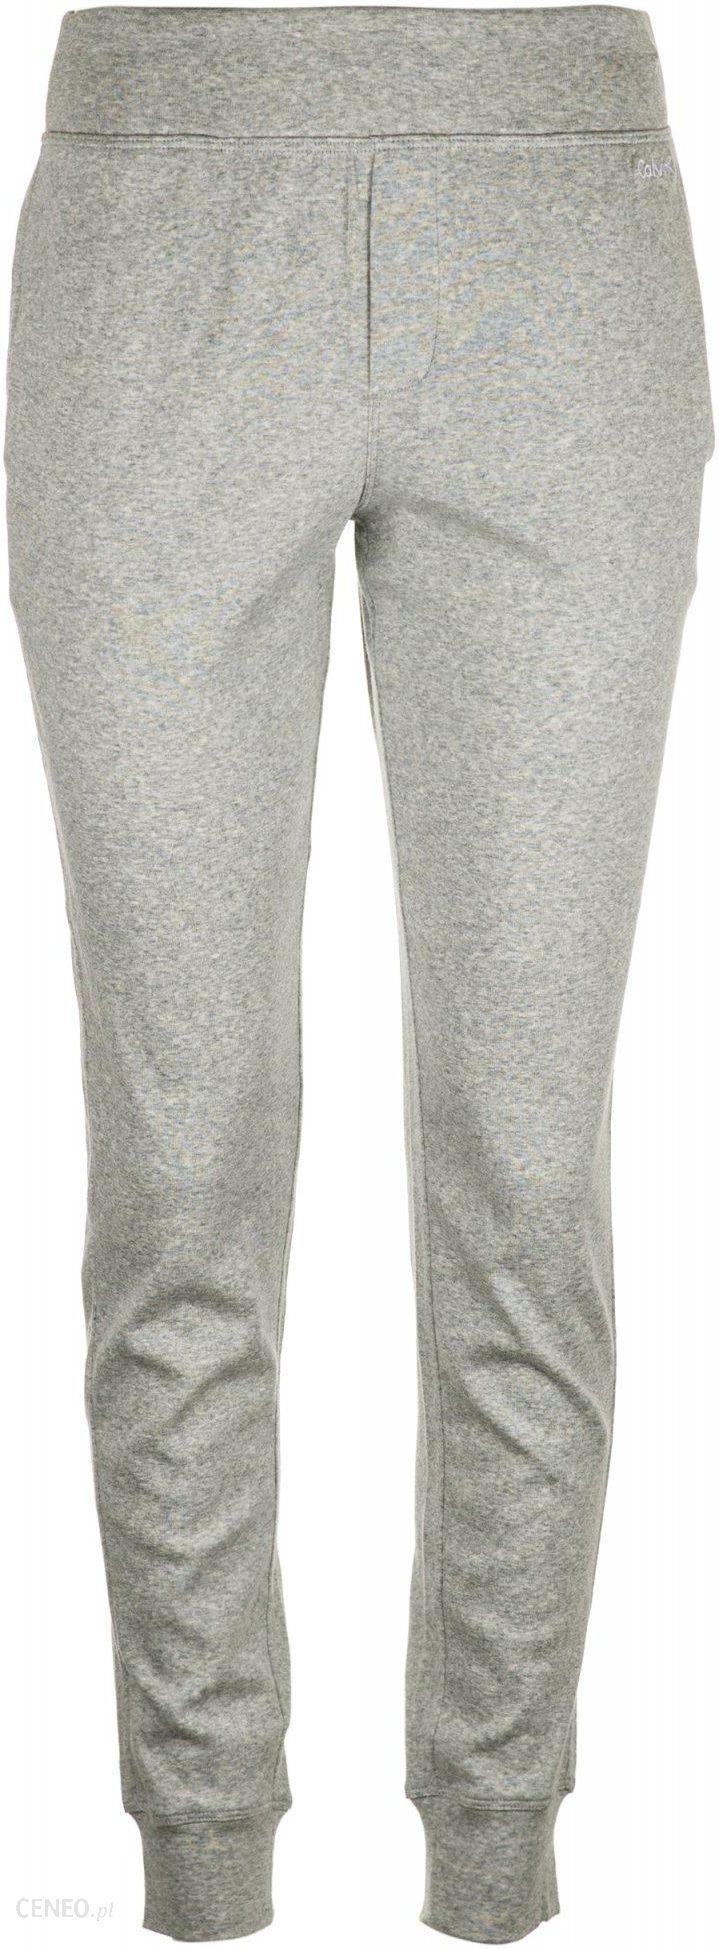 81fab5fc4ff869 Calvin Klein spodnie dresowe damskie S szary - Ceny i opinie - Ceneo.pl